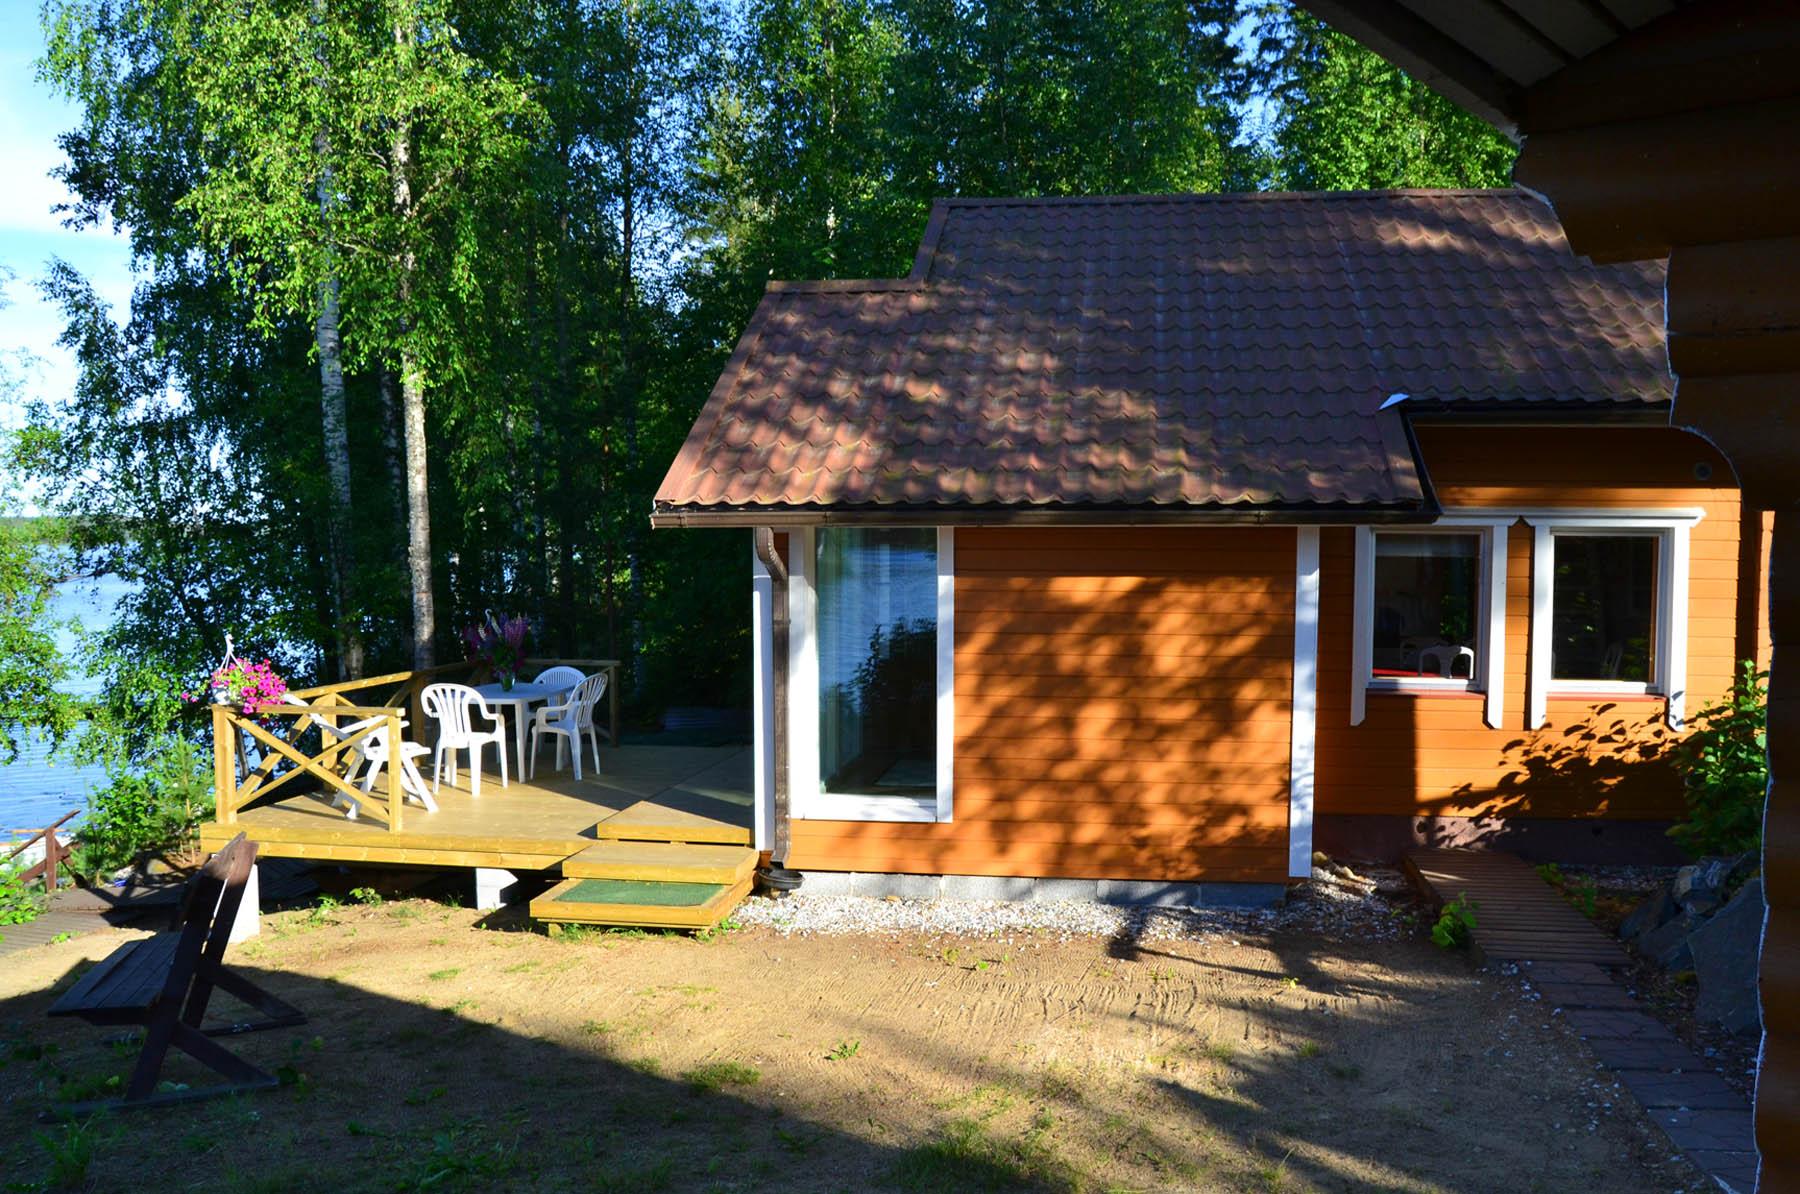 рыбалка в финляндии летом на озерах цены на коттеджи и пентхаусы